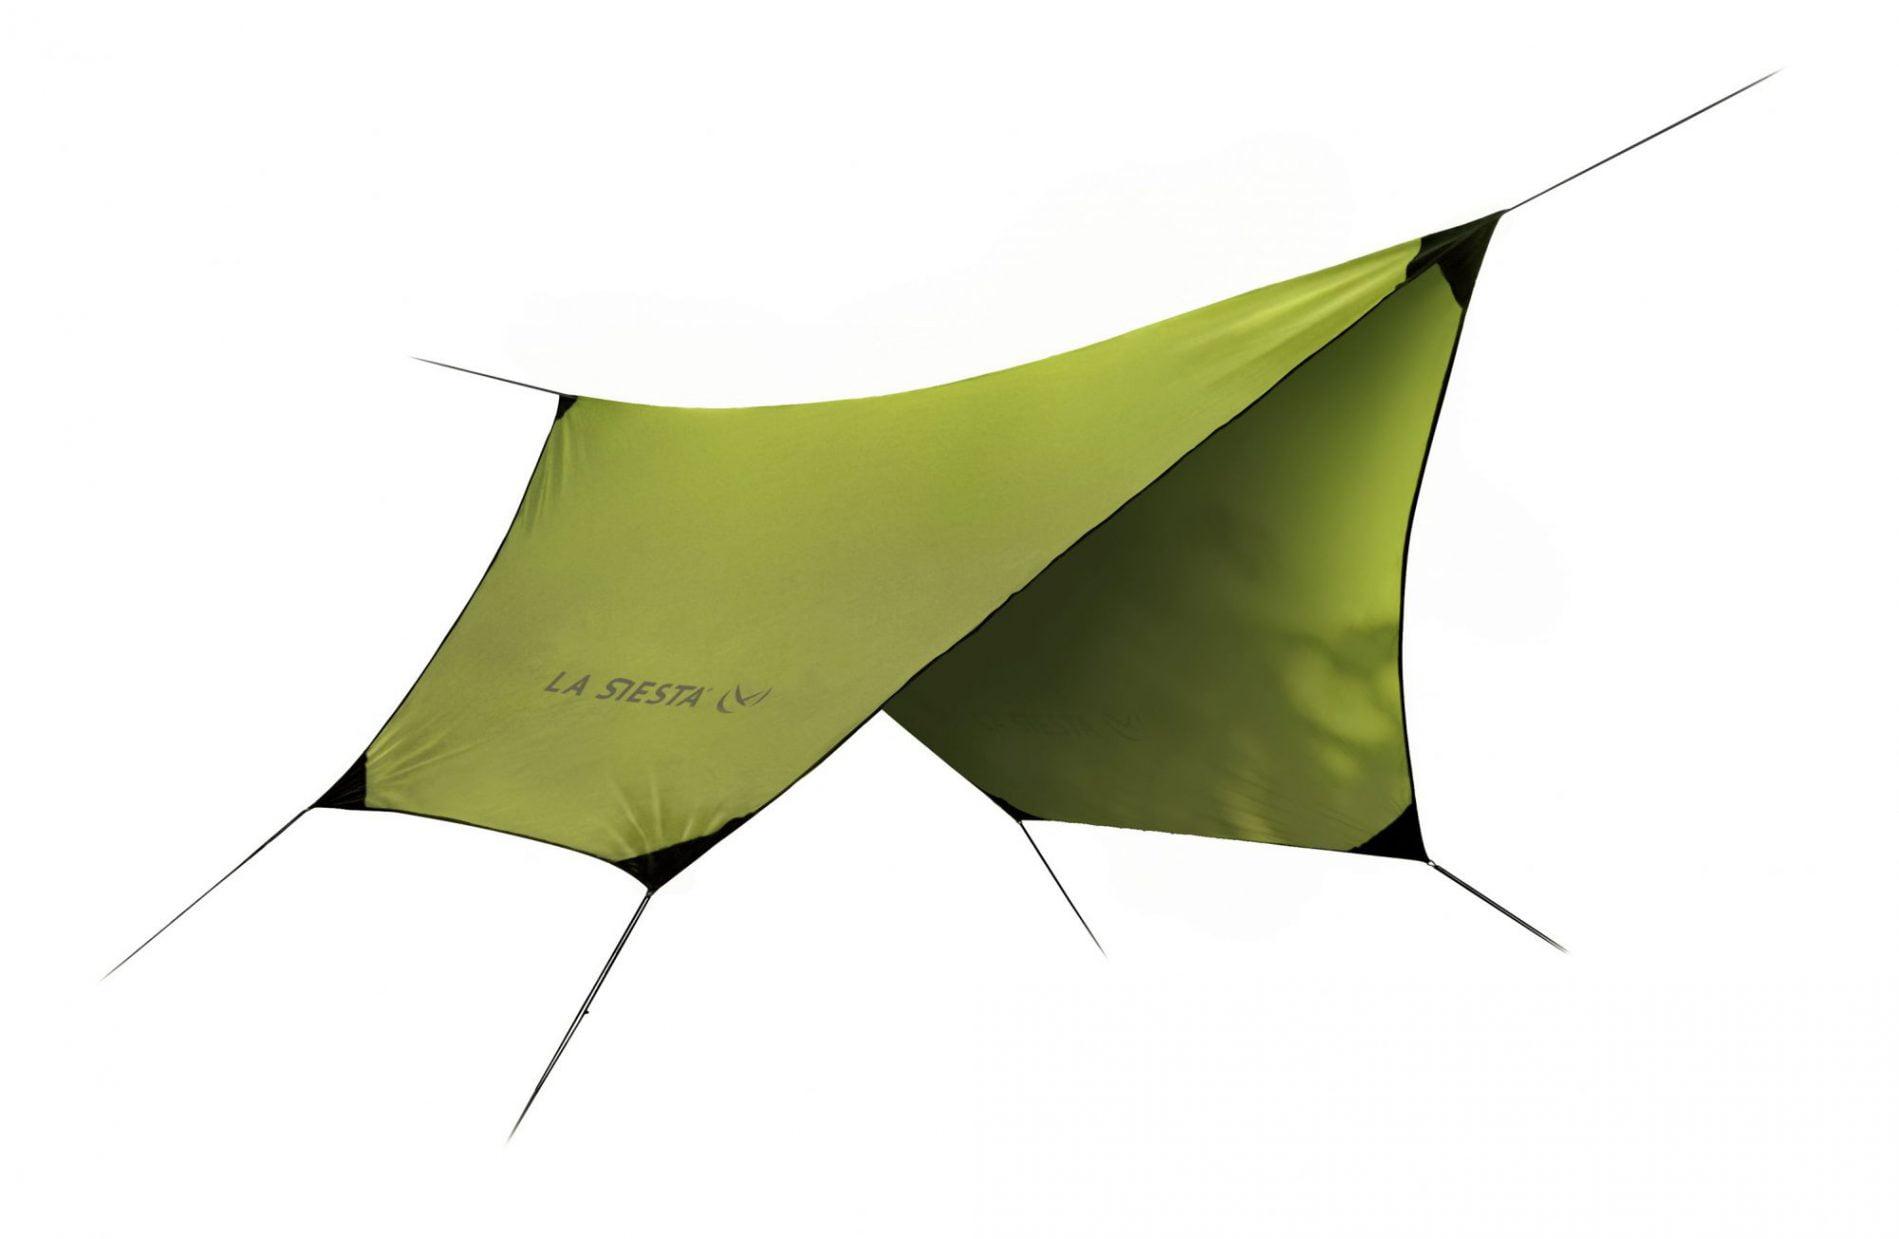 Zaščitna prevleka ClassicFly za sonce in dež je narejena iz visoko kakovostne tkanine ripstop